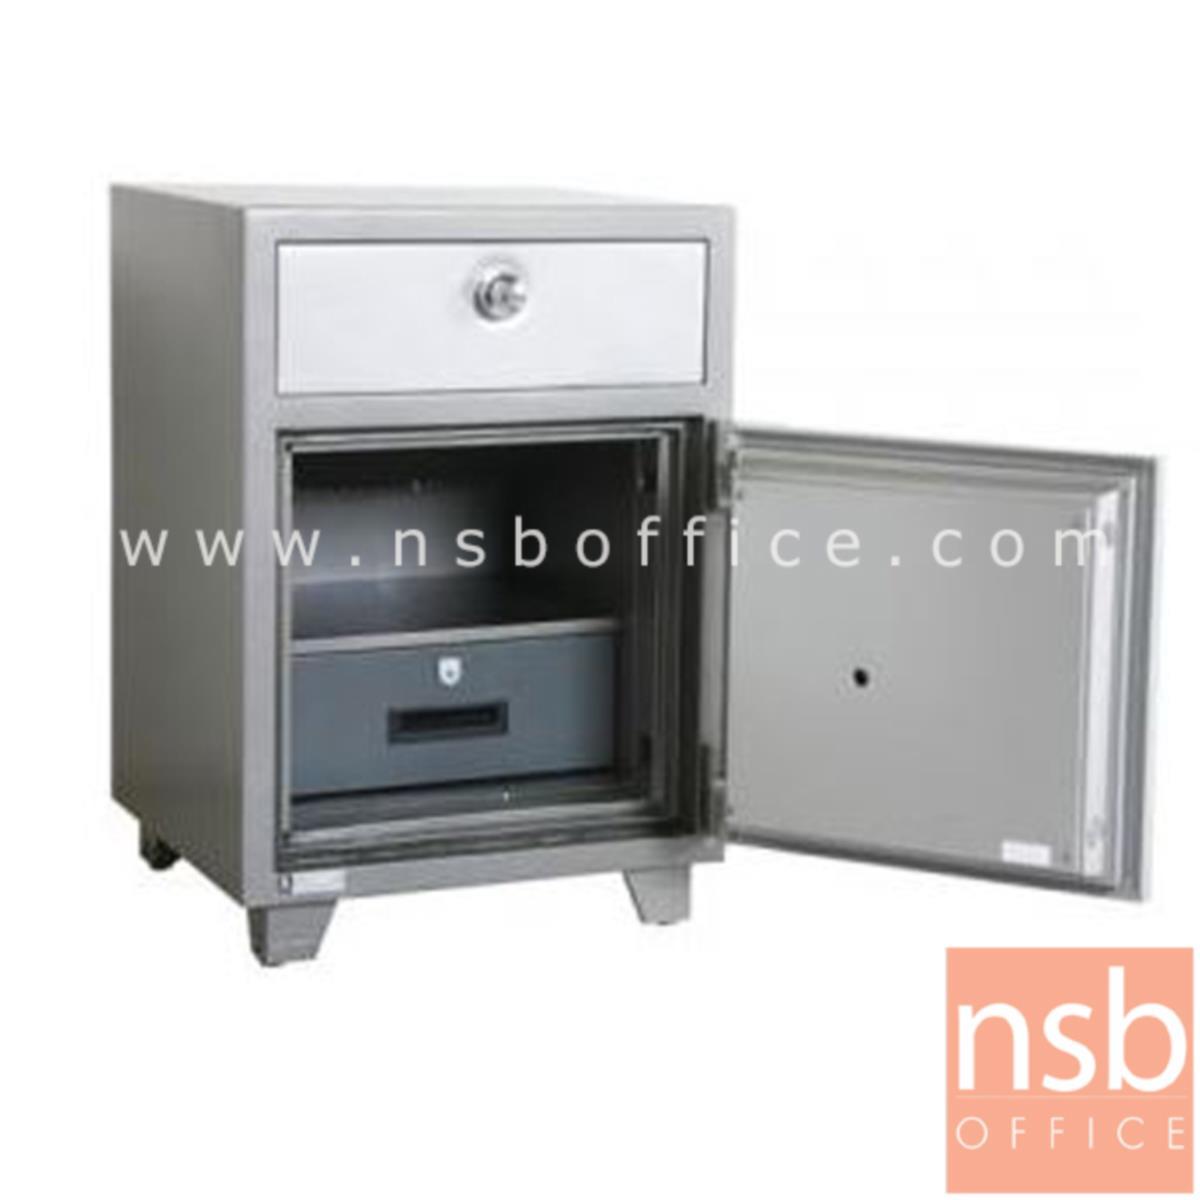 ตู้เซฟแคชเชียร์ 160 กก. ยี่ห้อ KINGDOM รุ่น SAN-2012 (2 กุญแจ 1 รหัส)